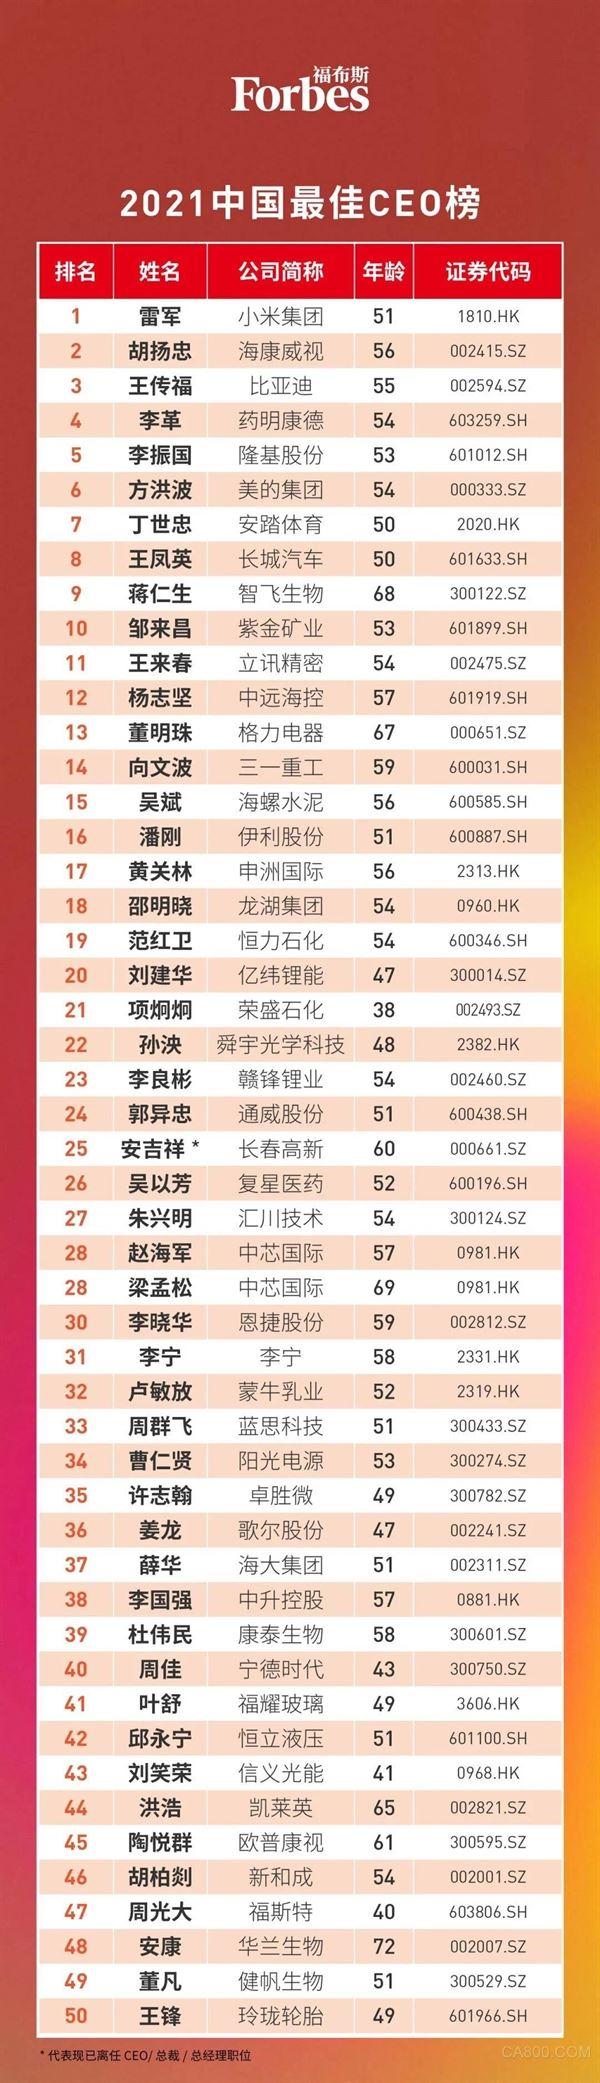 福布斯中国最佳CEO榜单,汇川技术,朱兴明